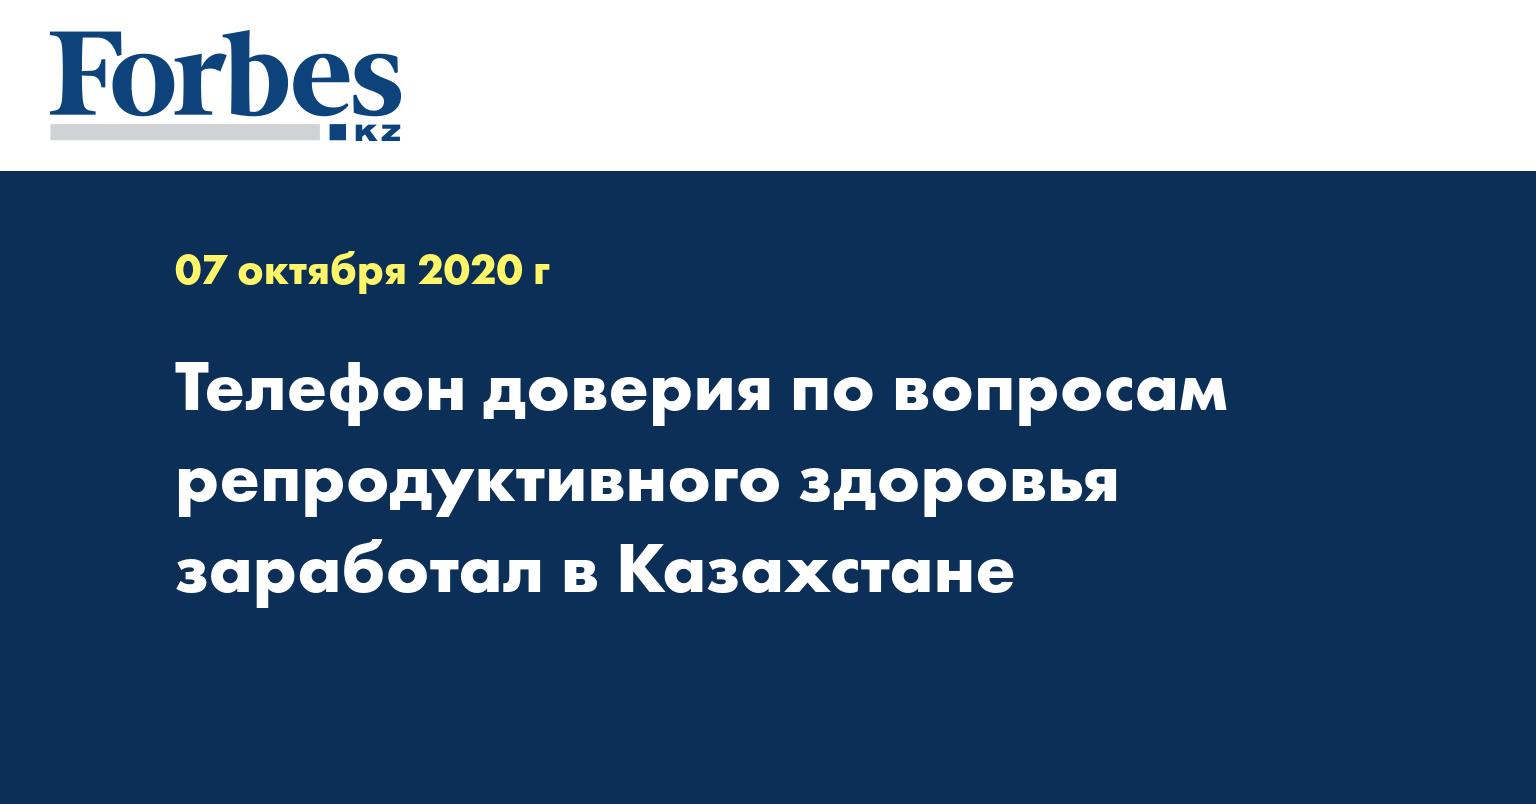 Телефон доверия по вопросам репродуктивного здоровья заработал в Казахстане